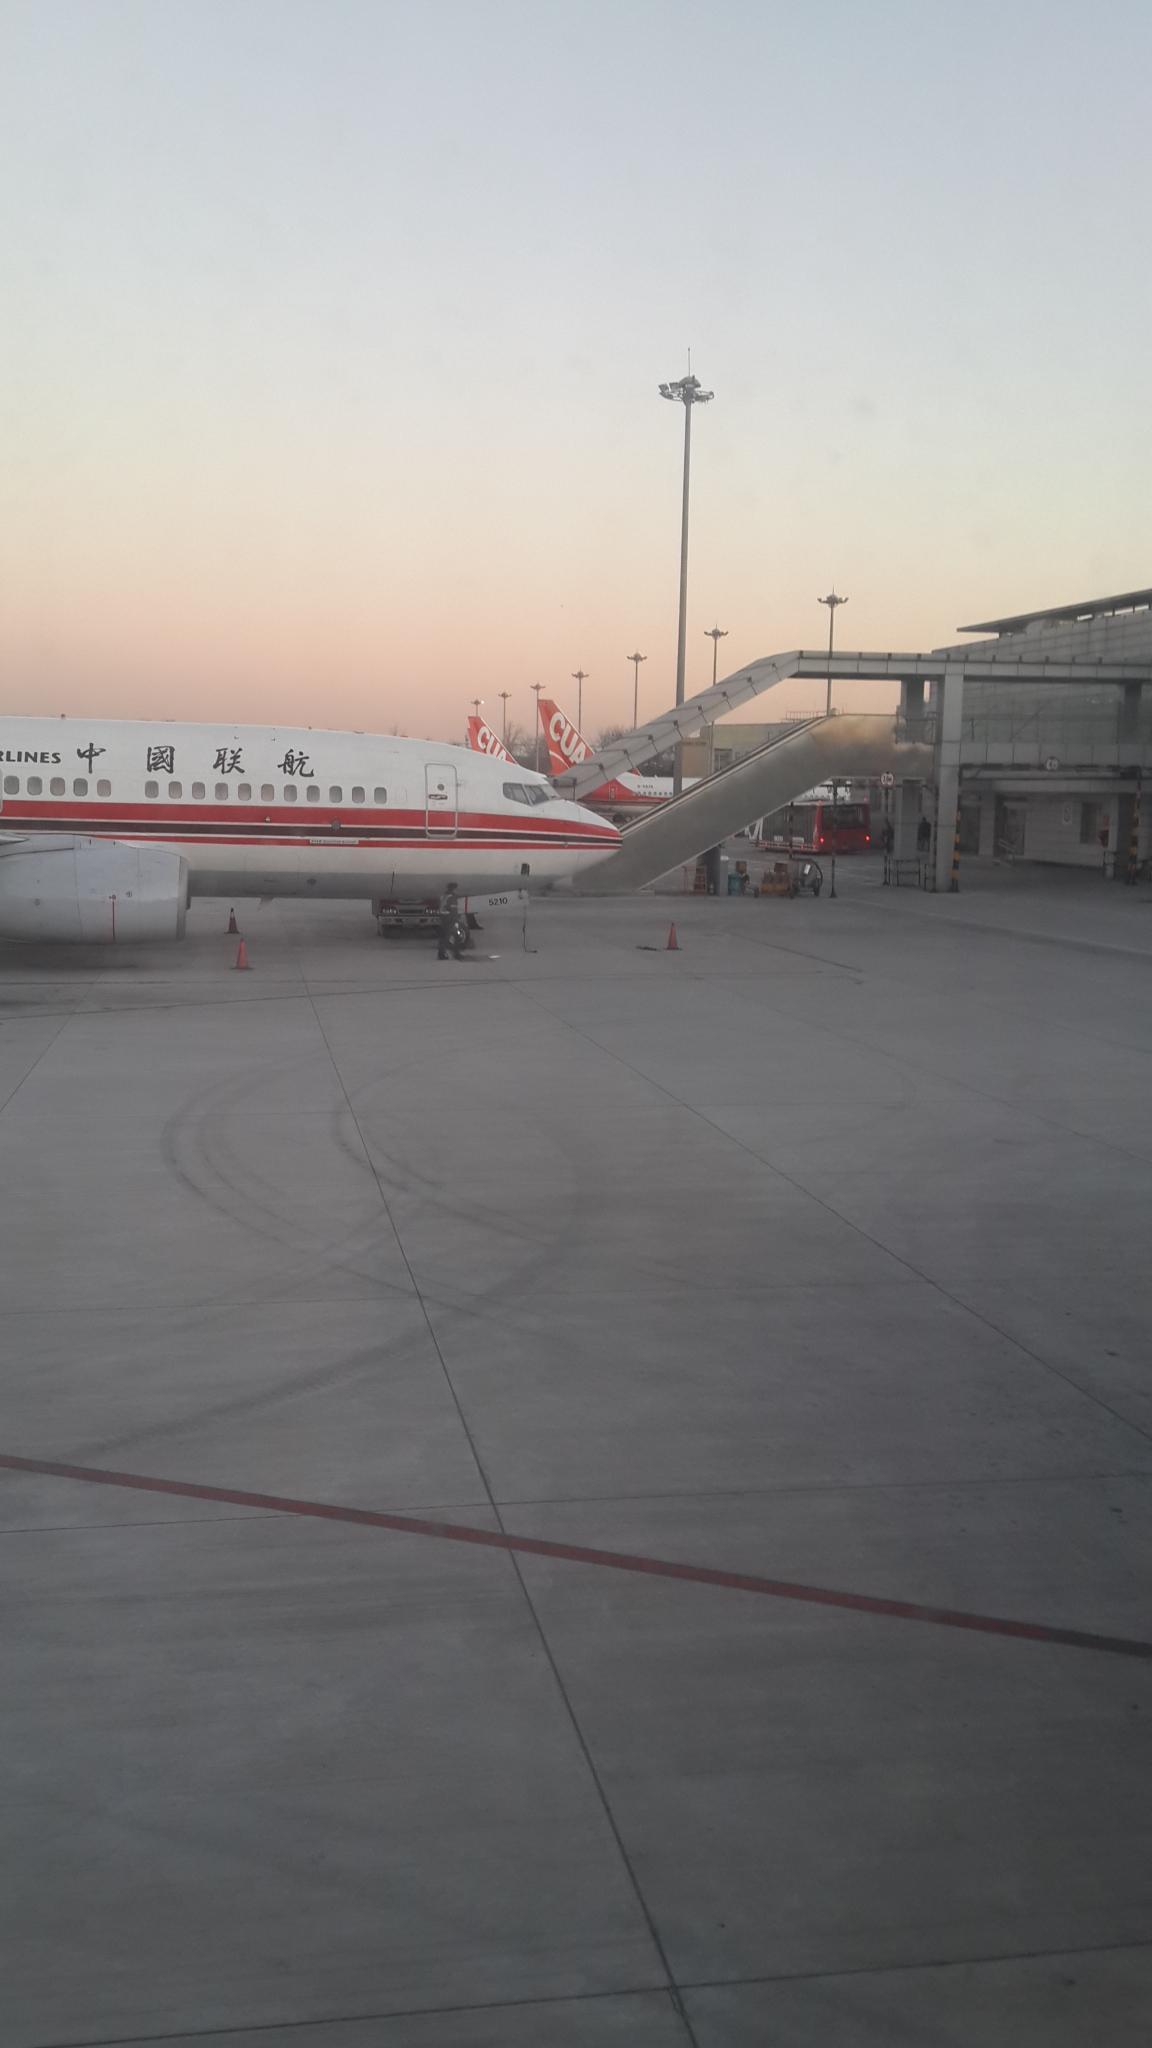 【携程攻略】北京南苑机场怎么样/怎么去,北京南苑